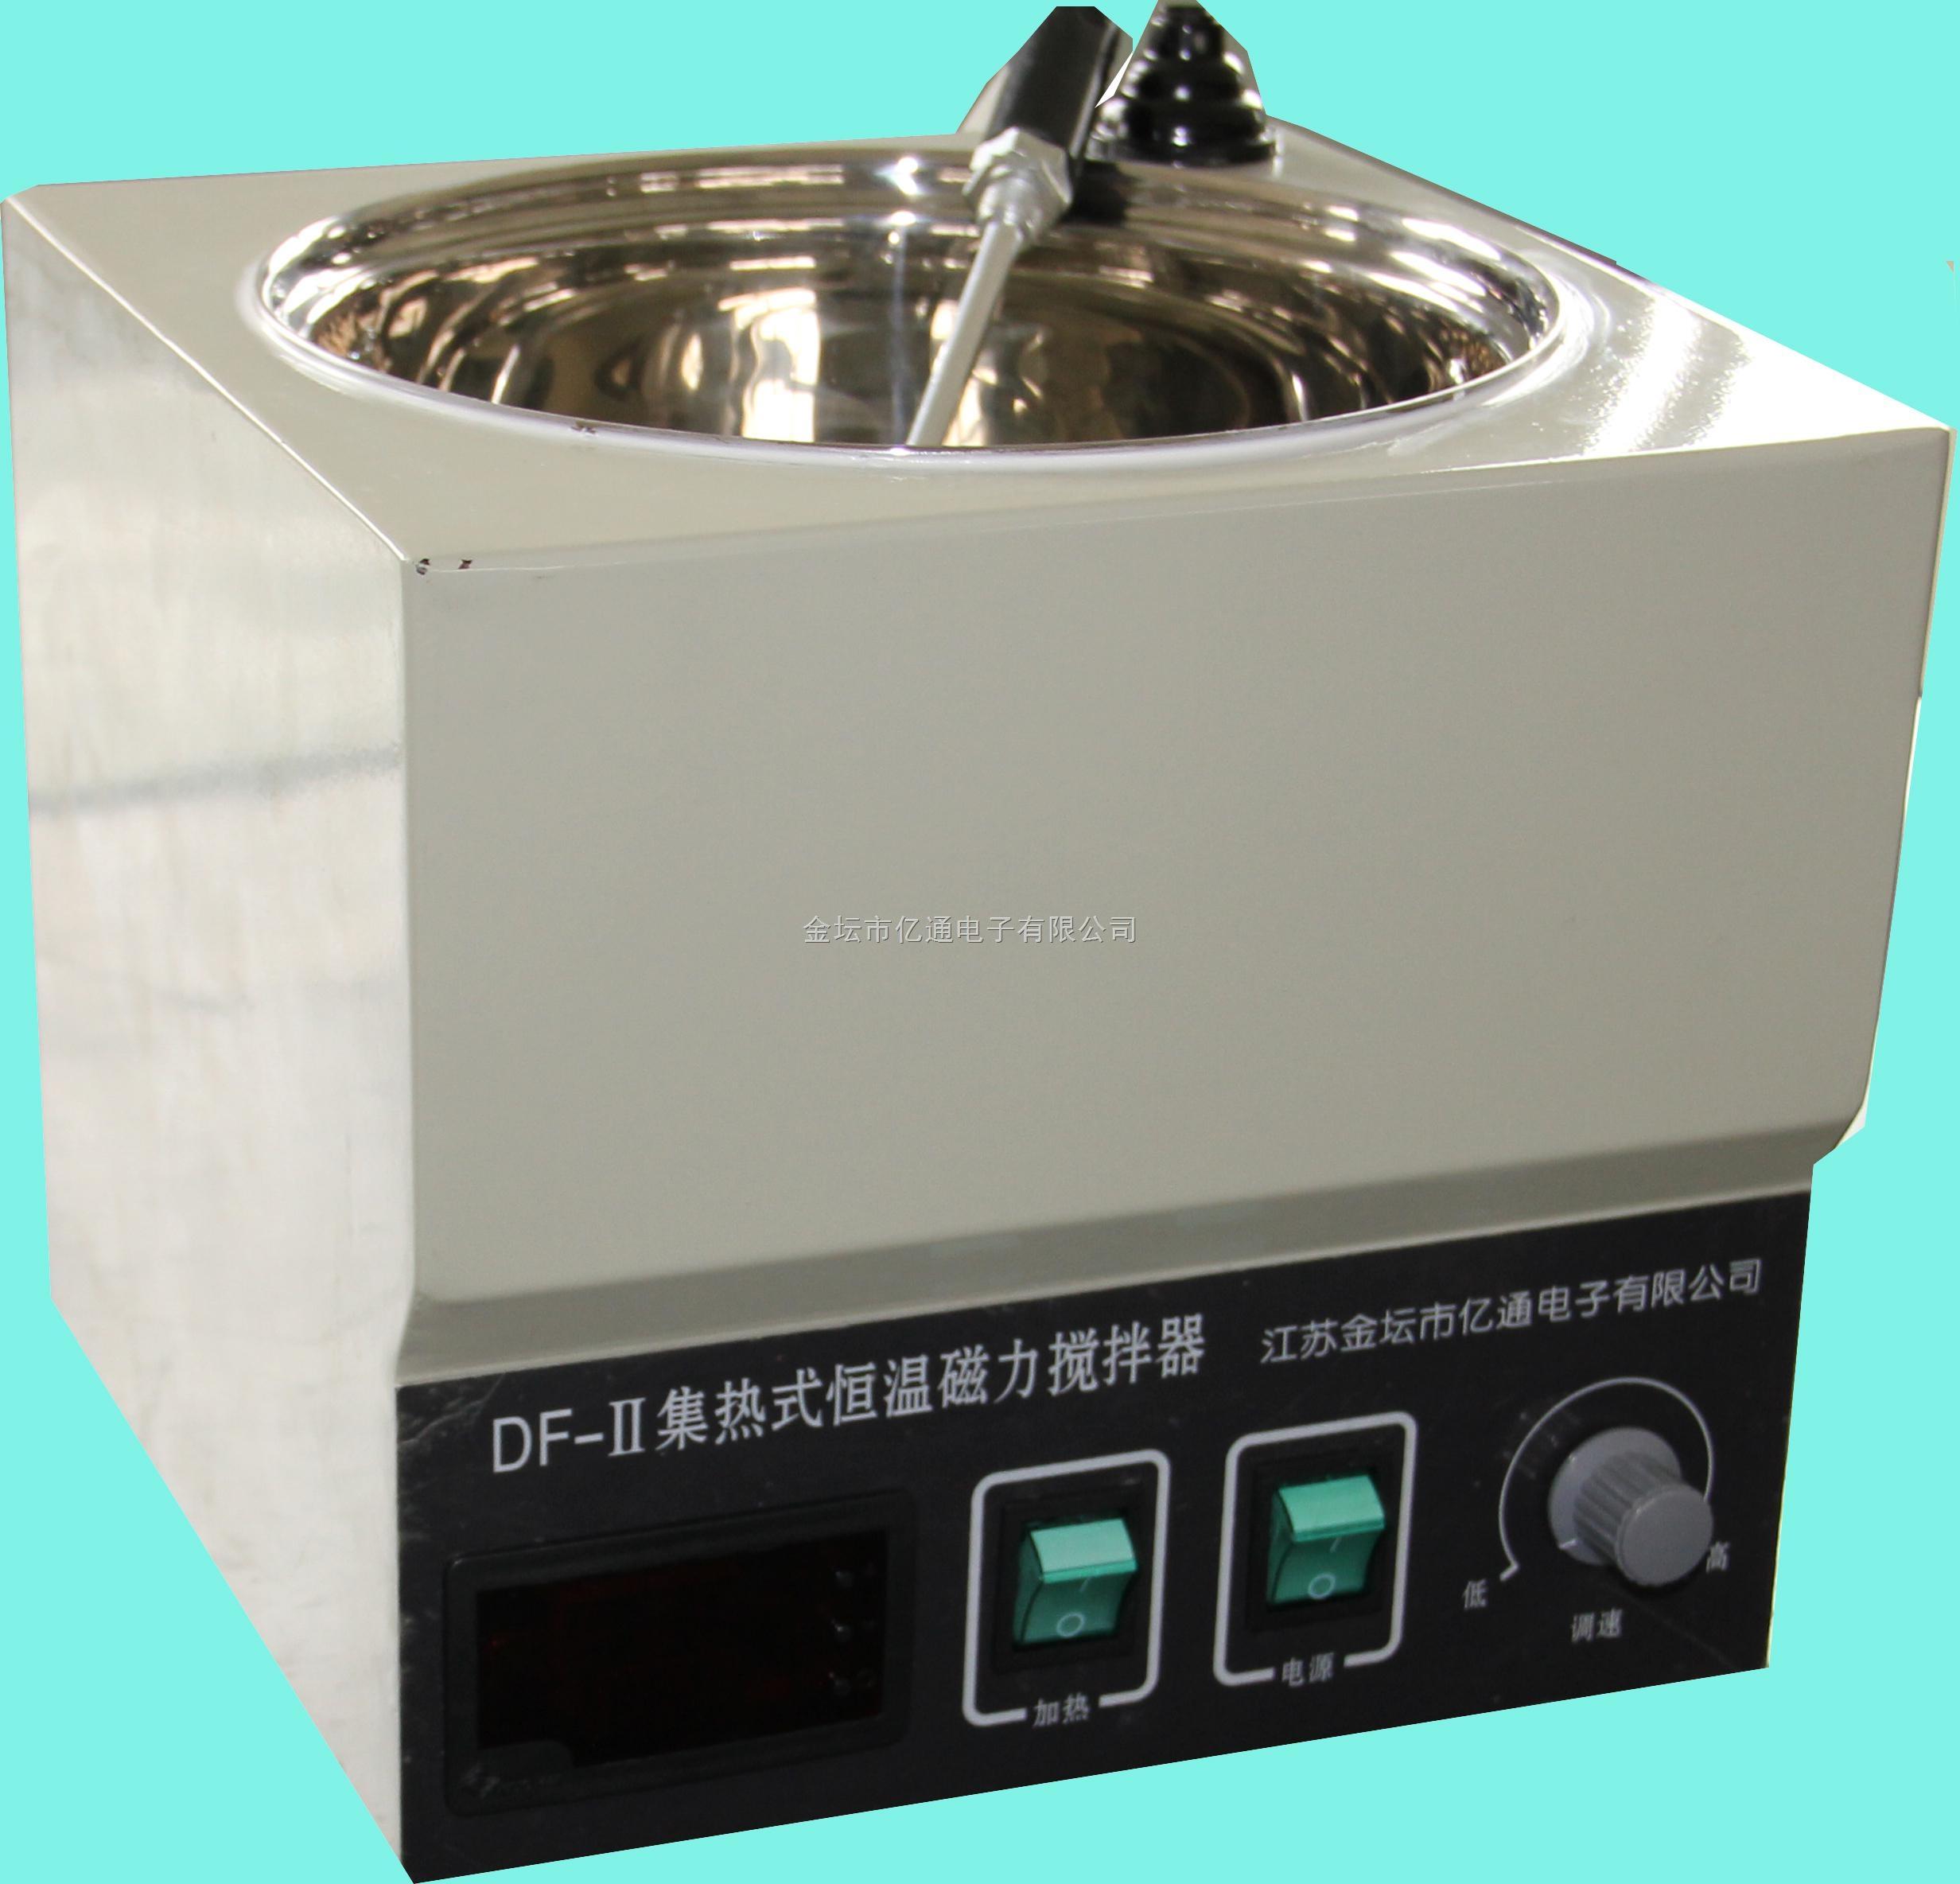 DF-II型 集热式磁力加热搅拌器